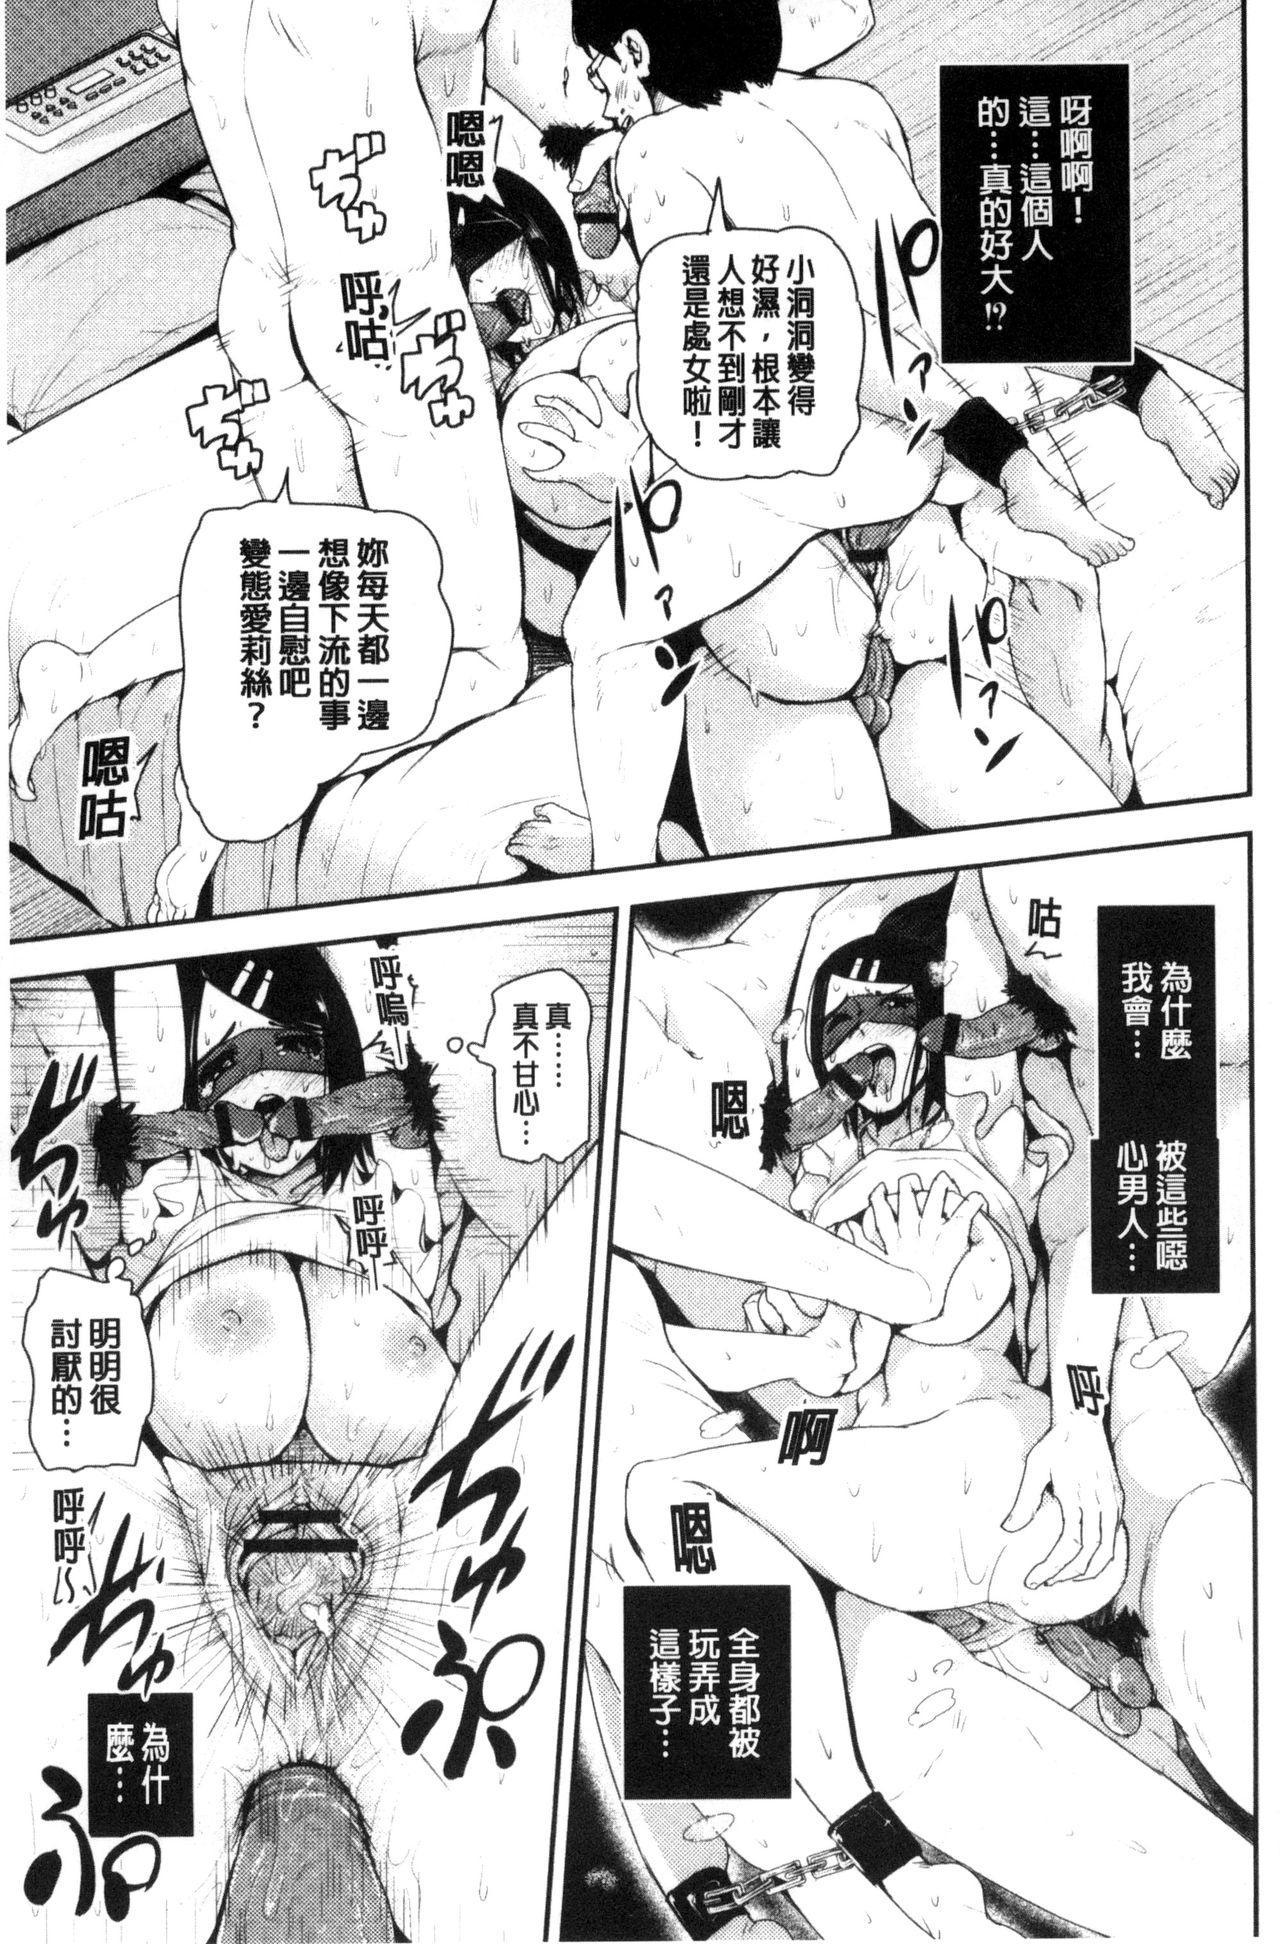 R18 Hatsuiku Shoujo 90